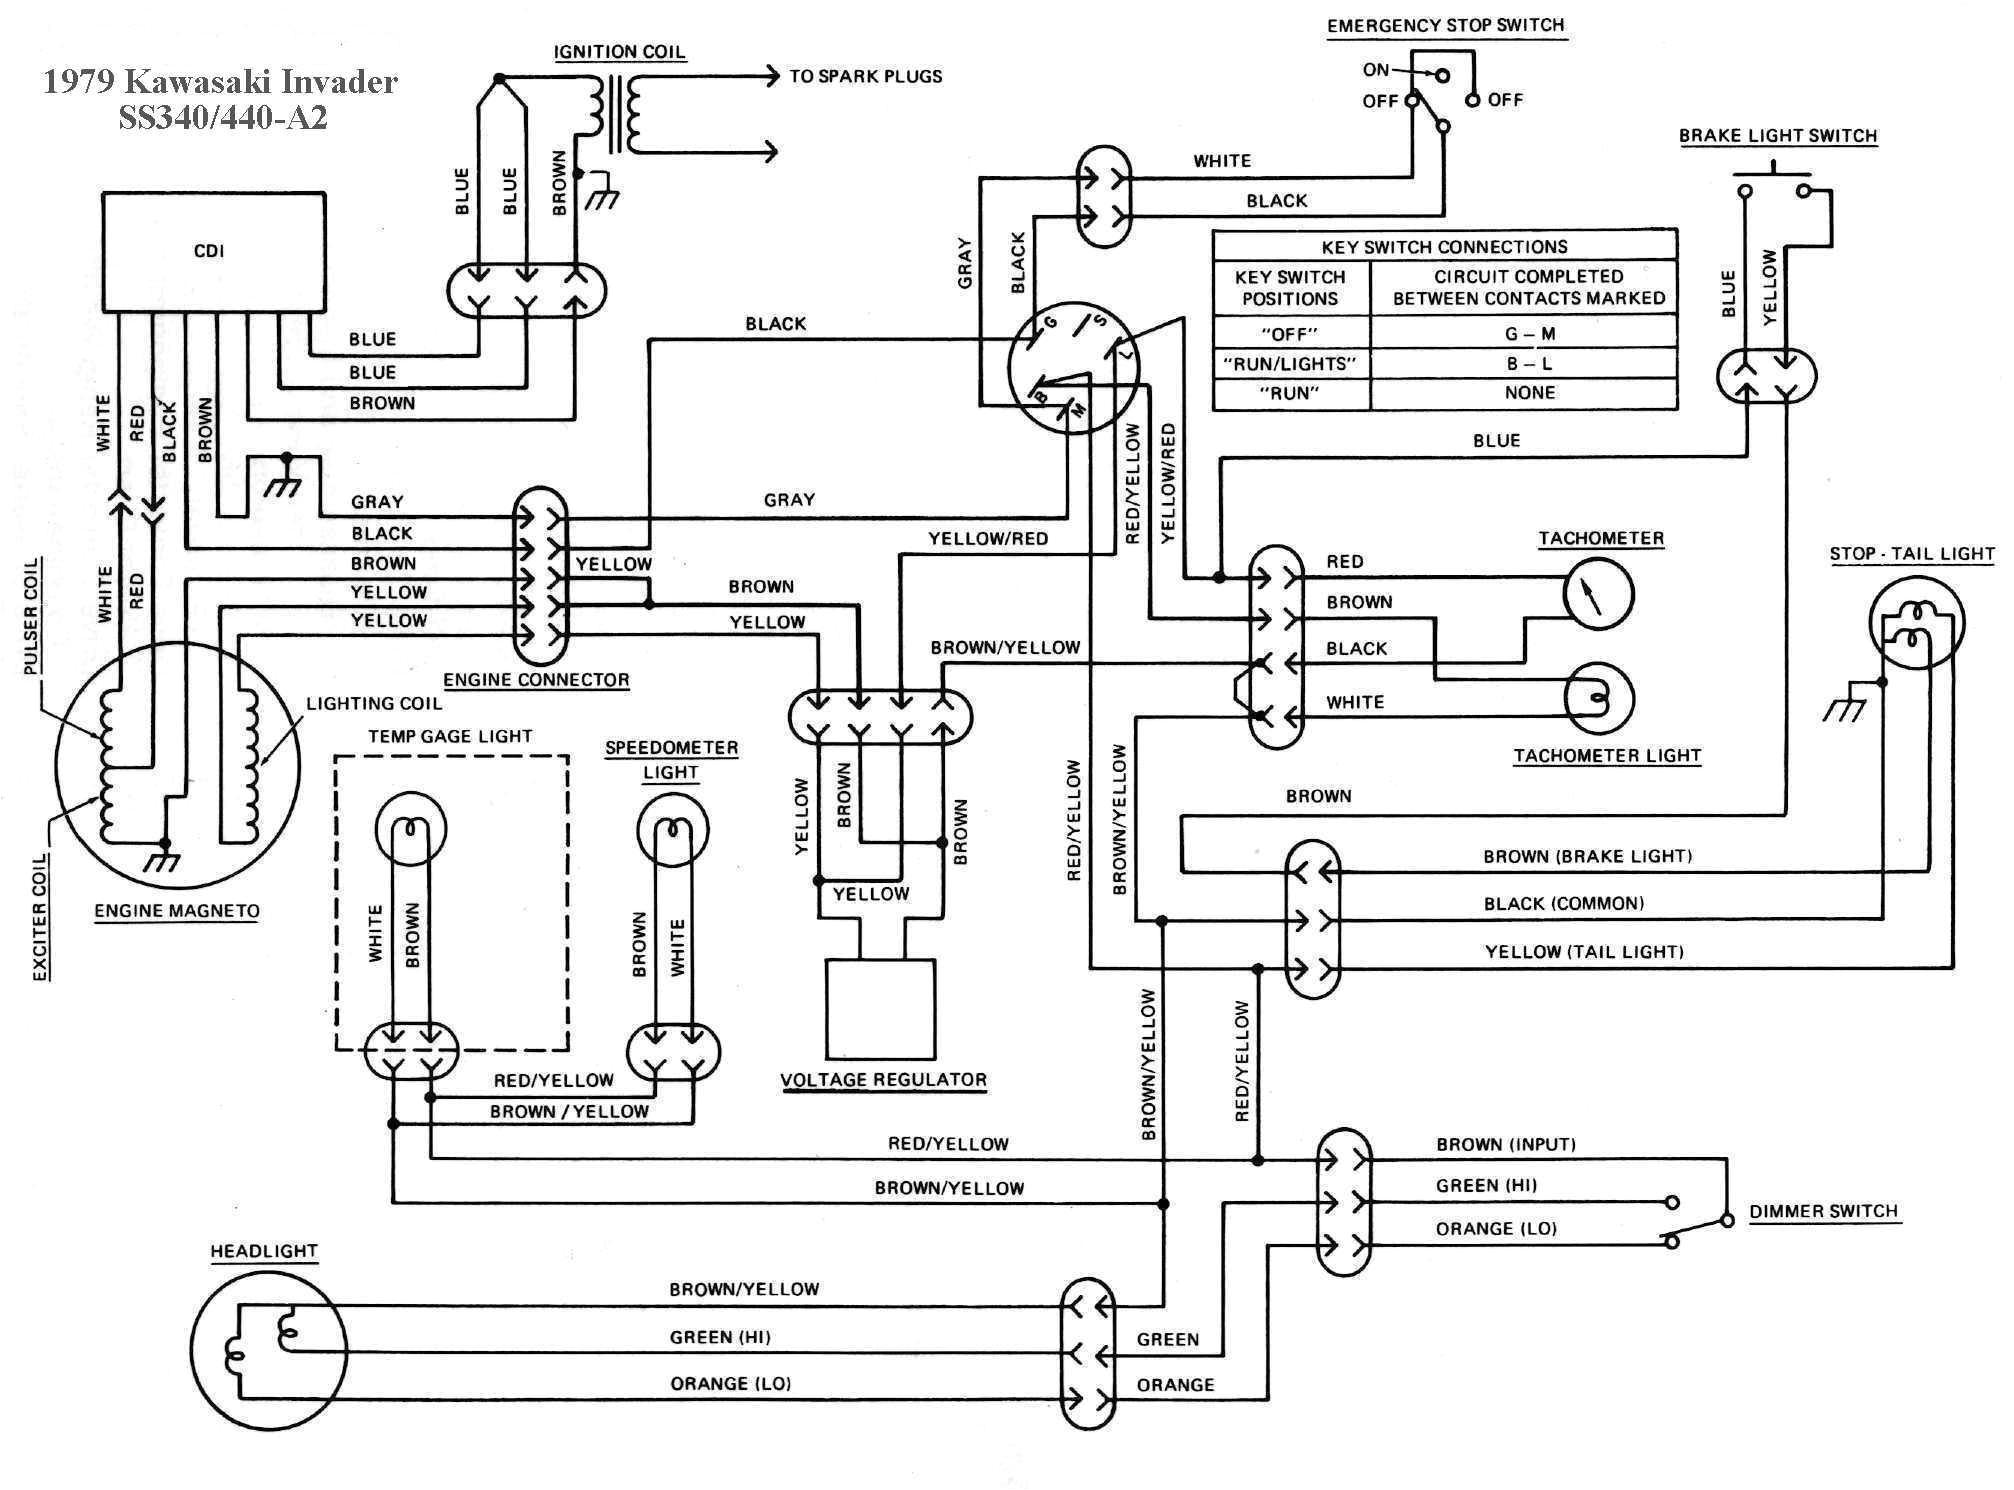 1993 Kawasaki Bayou 300 4×4 Wiring Diagram Wiring Diagram Kawasaki Bayou 300 Wiring Diagram